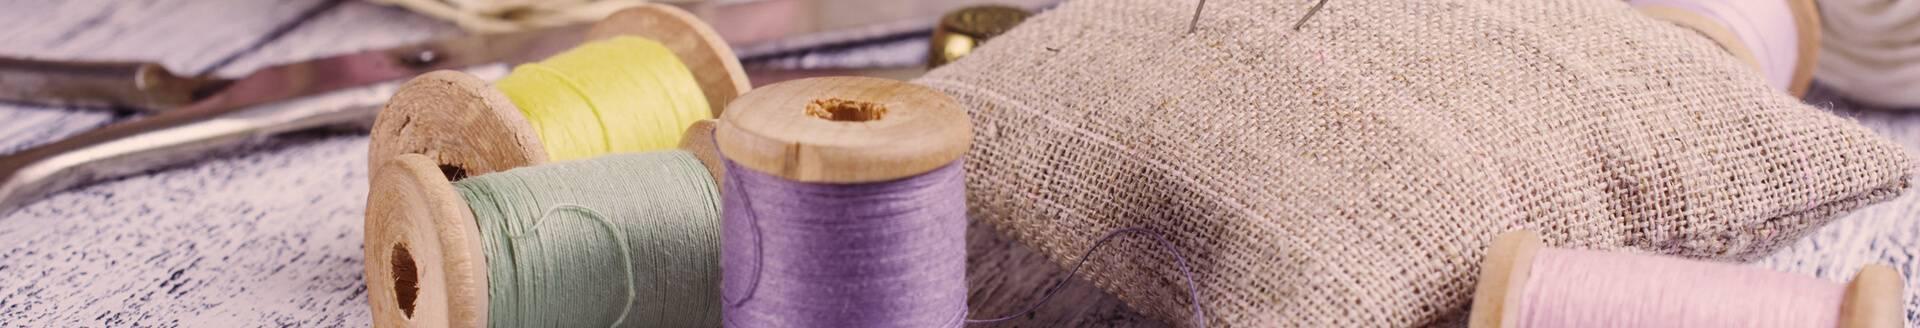 Consuelo Textil venta online de hilos para coser de alta calidad